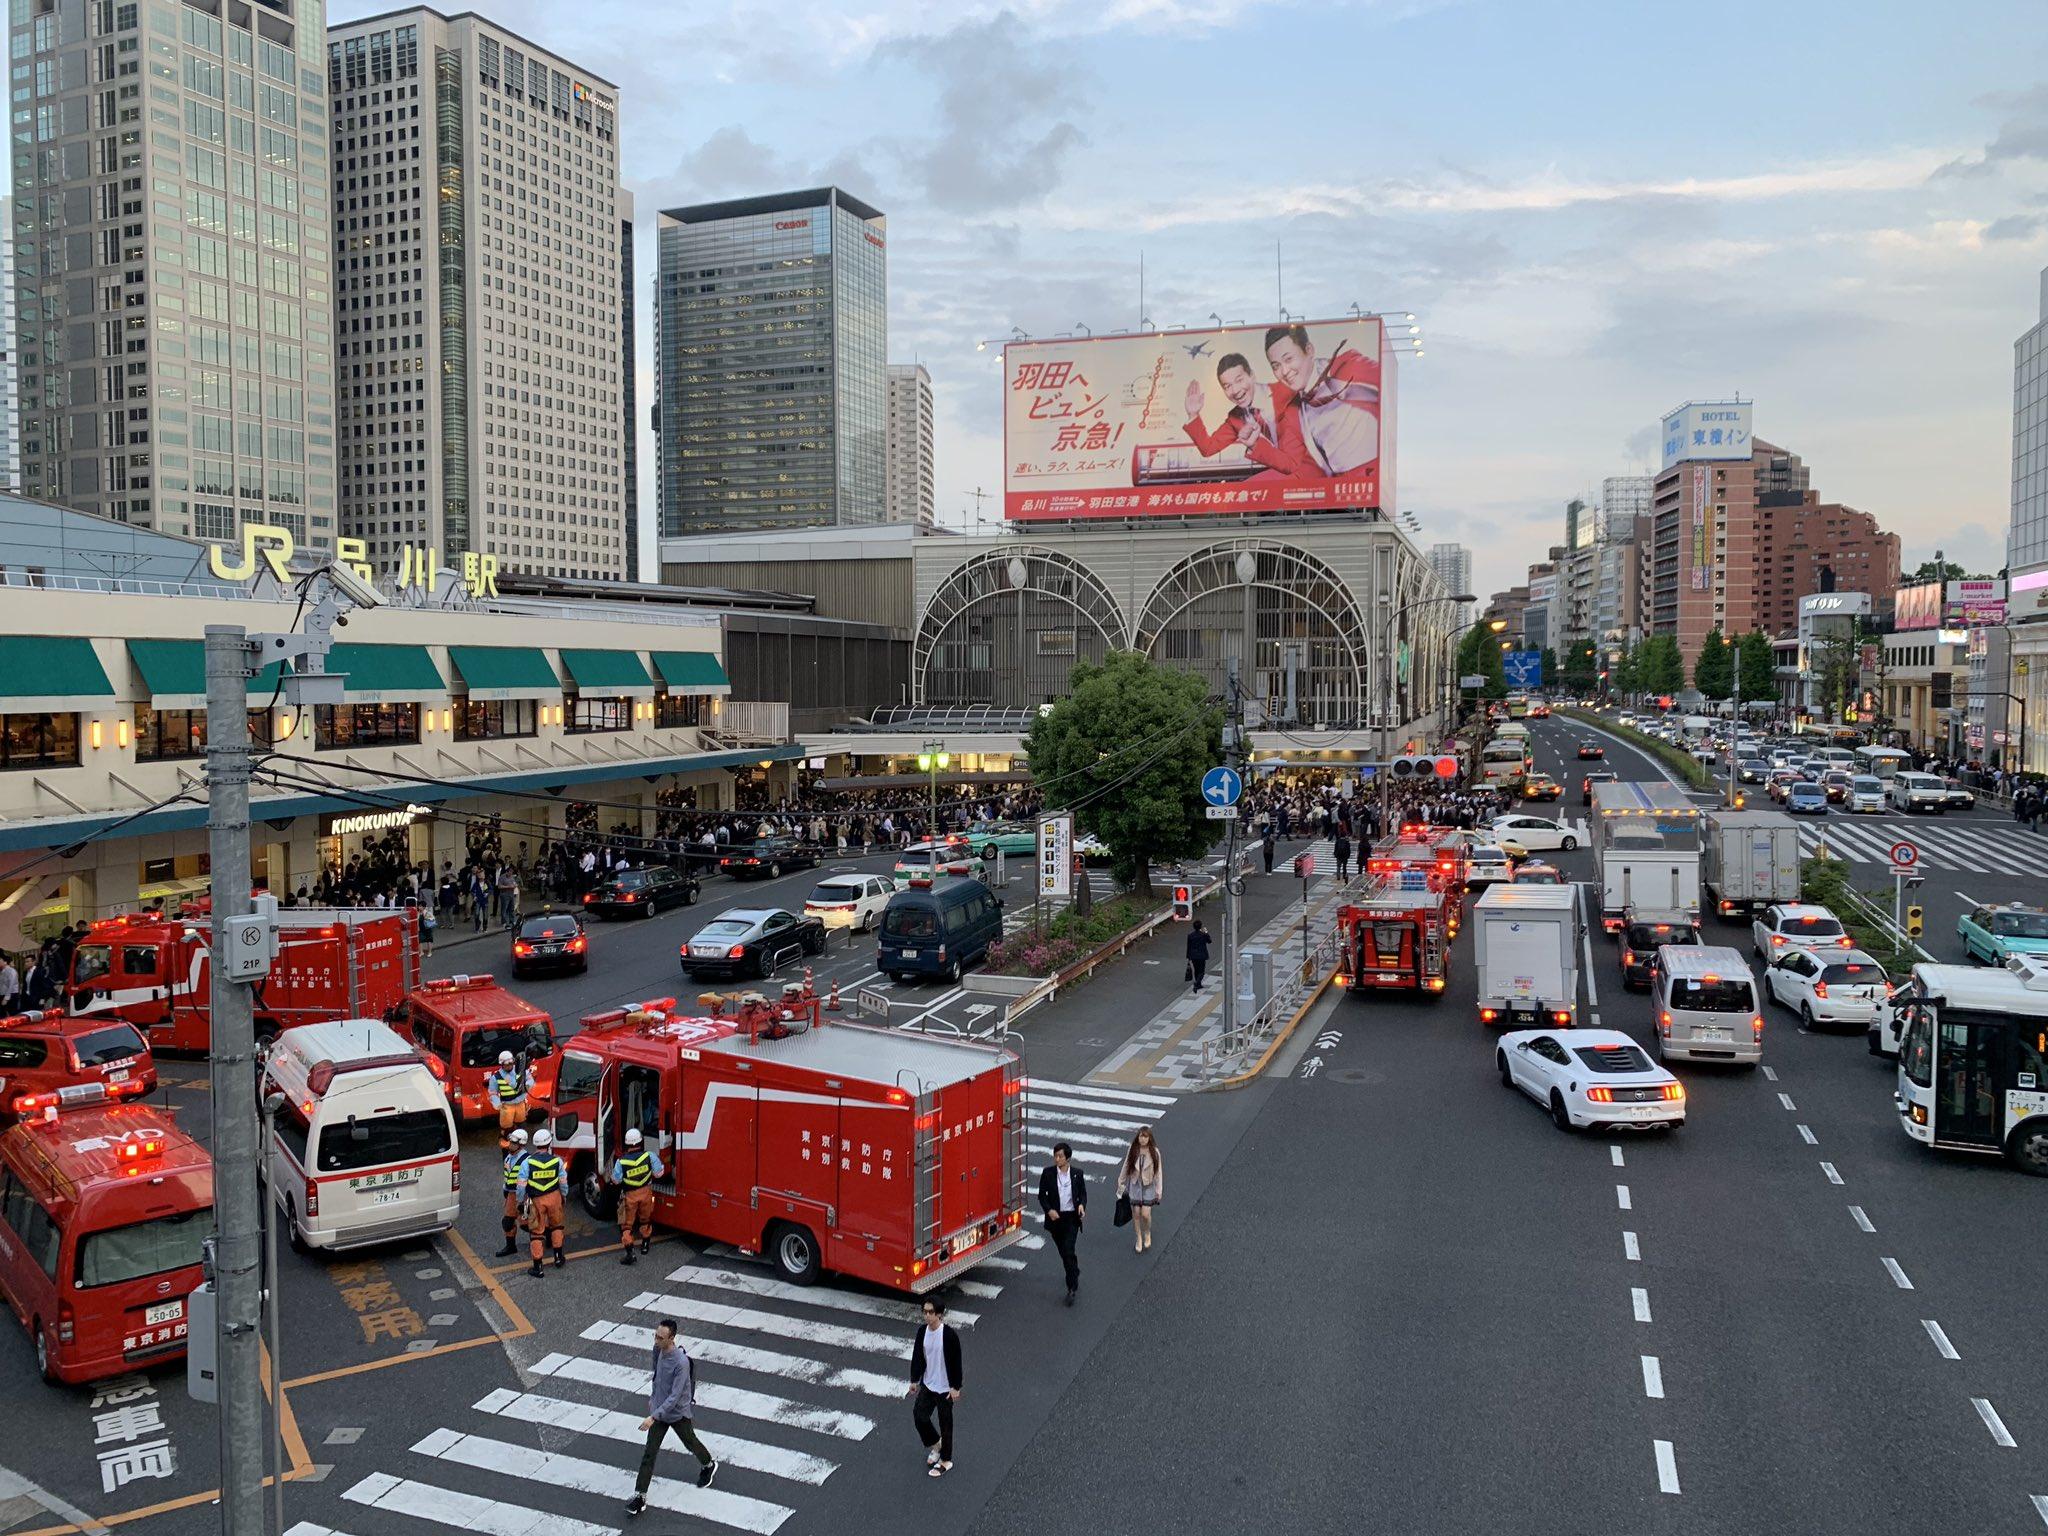 画像,えっ何何品川駅何があったん https://t.co/rKyYiKOkei。